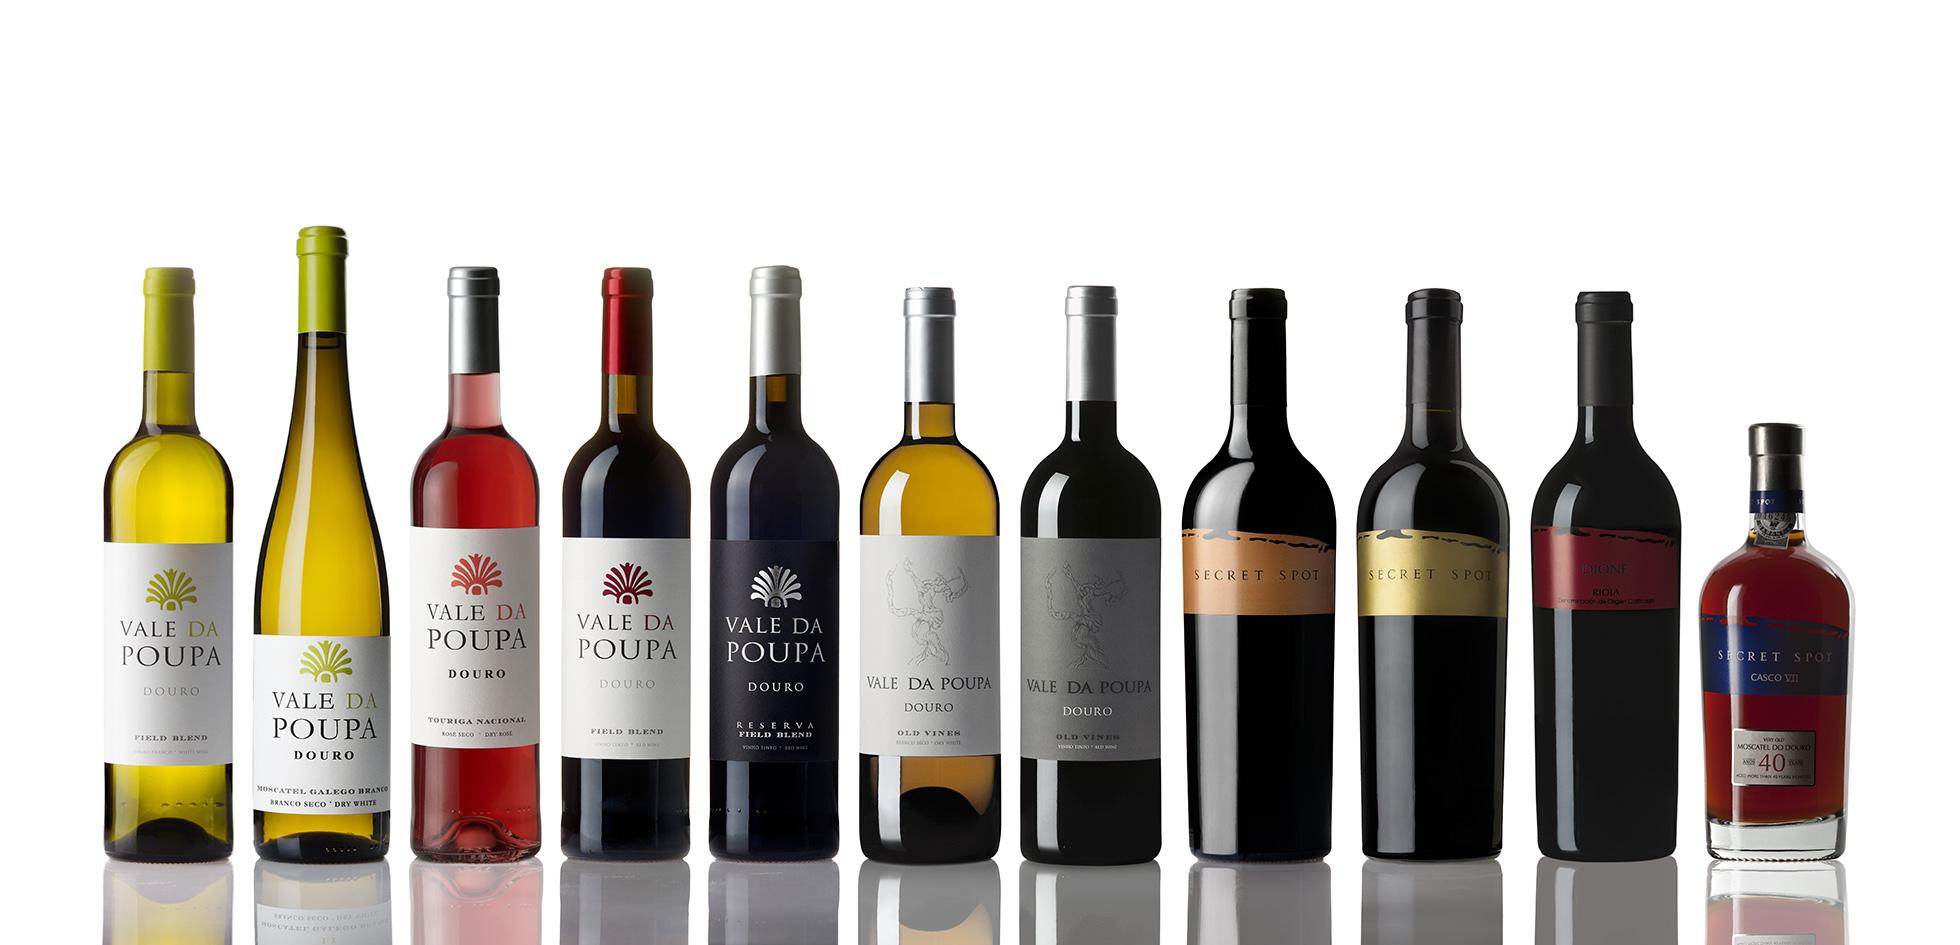 Seleção de vinhos da Secret Spot Wine, importados pela Vinissimo Importadora e a venda na Art Du Vin